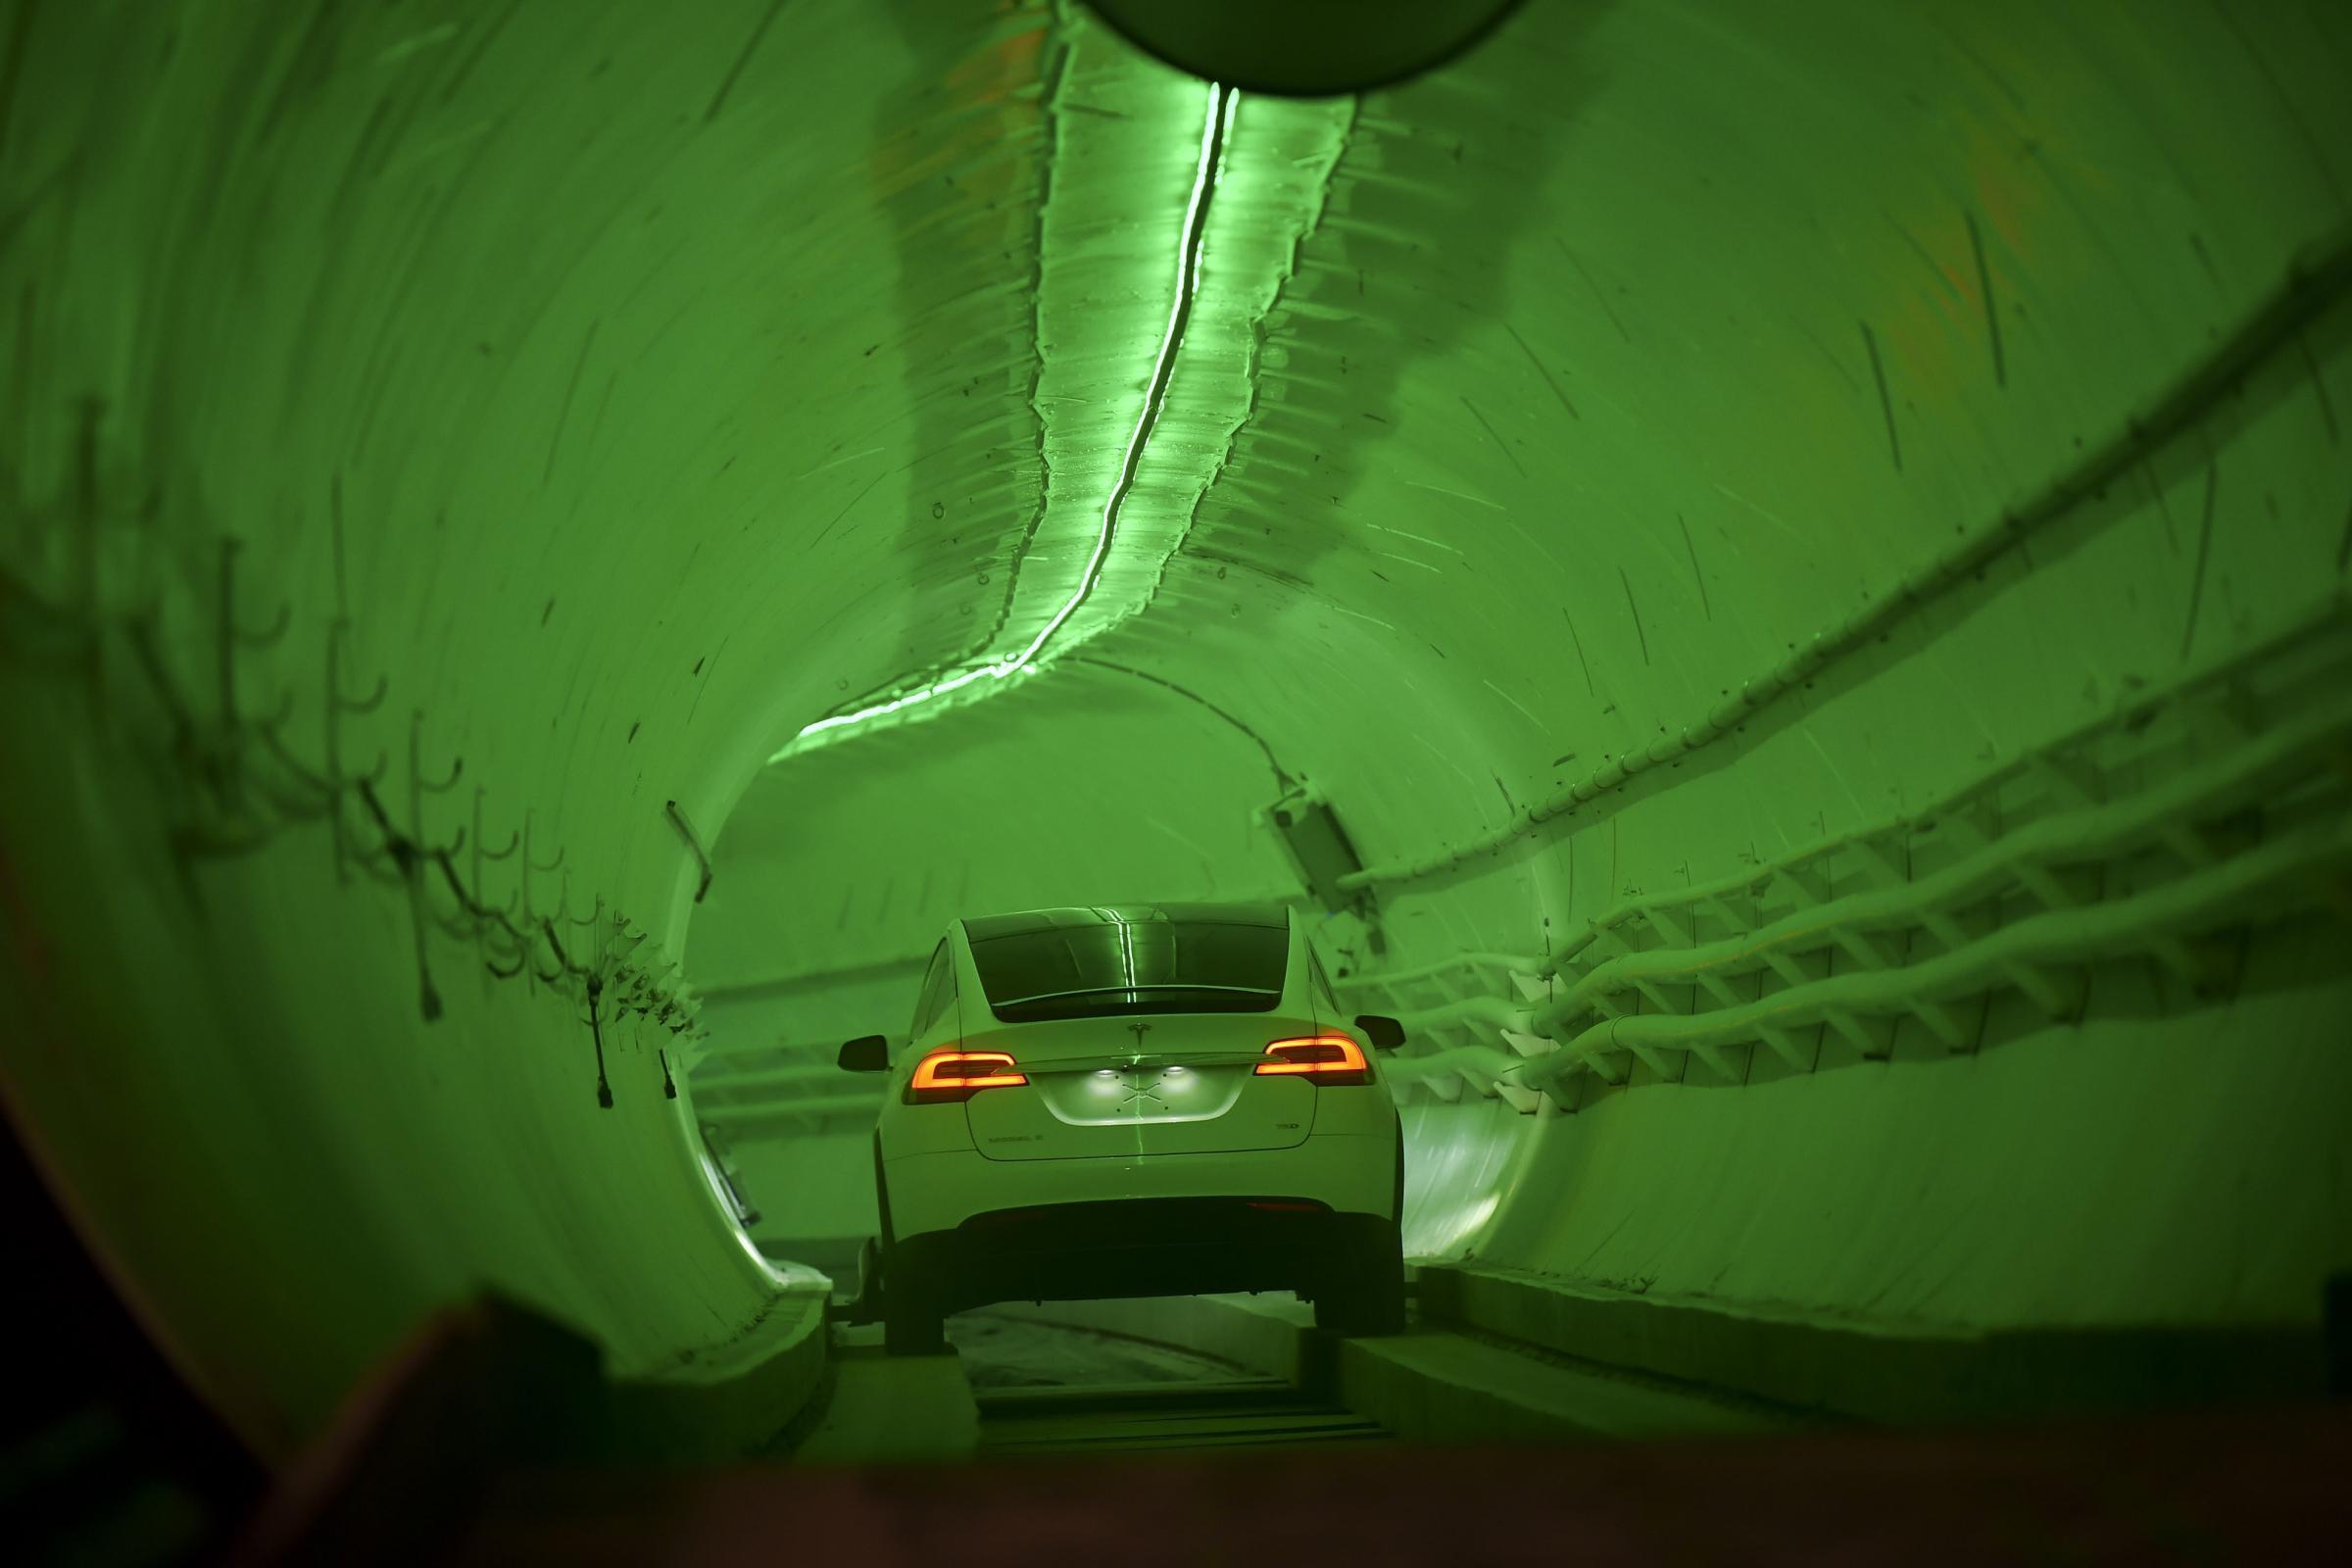 埃隆马斯克推出了革命性的地下隧道